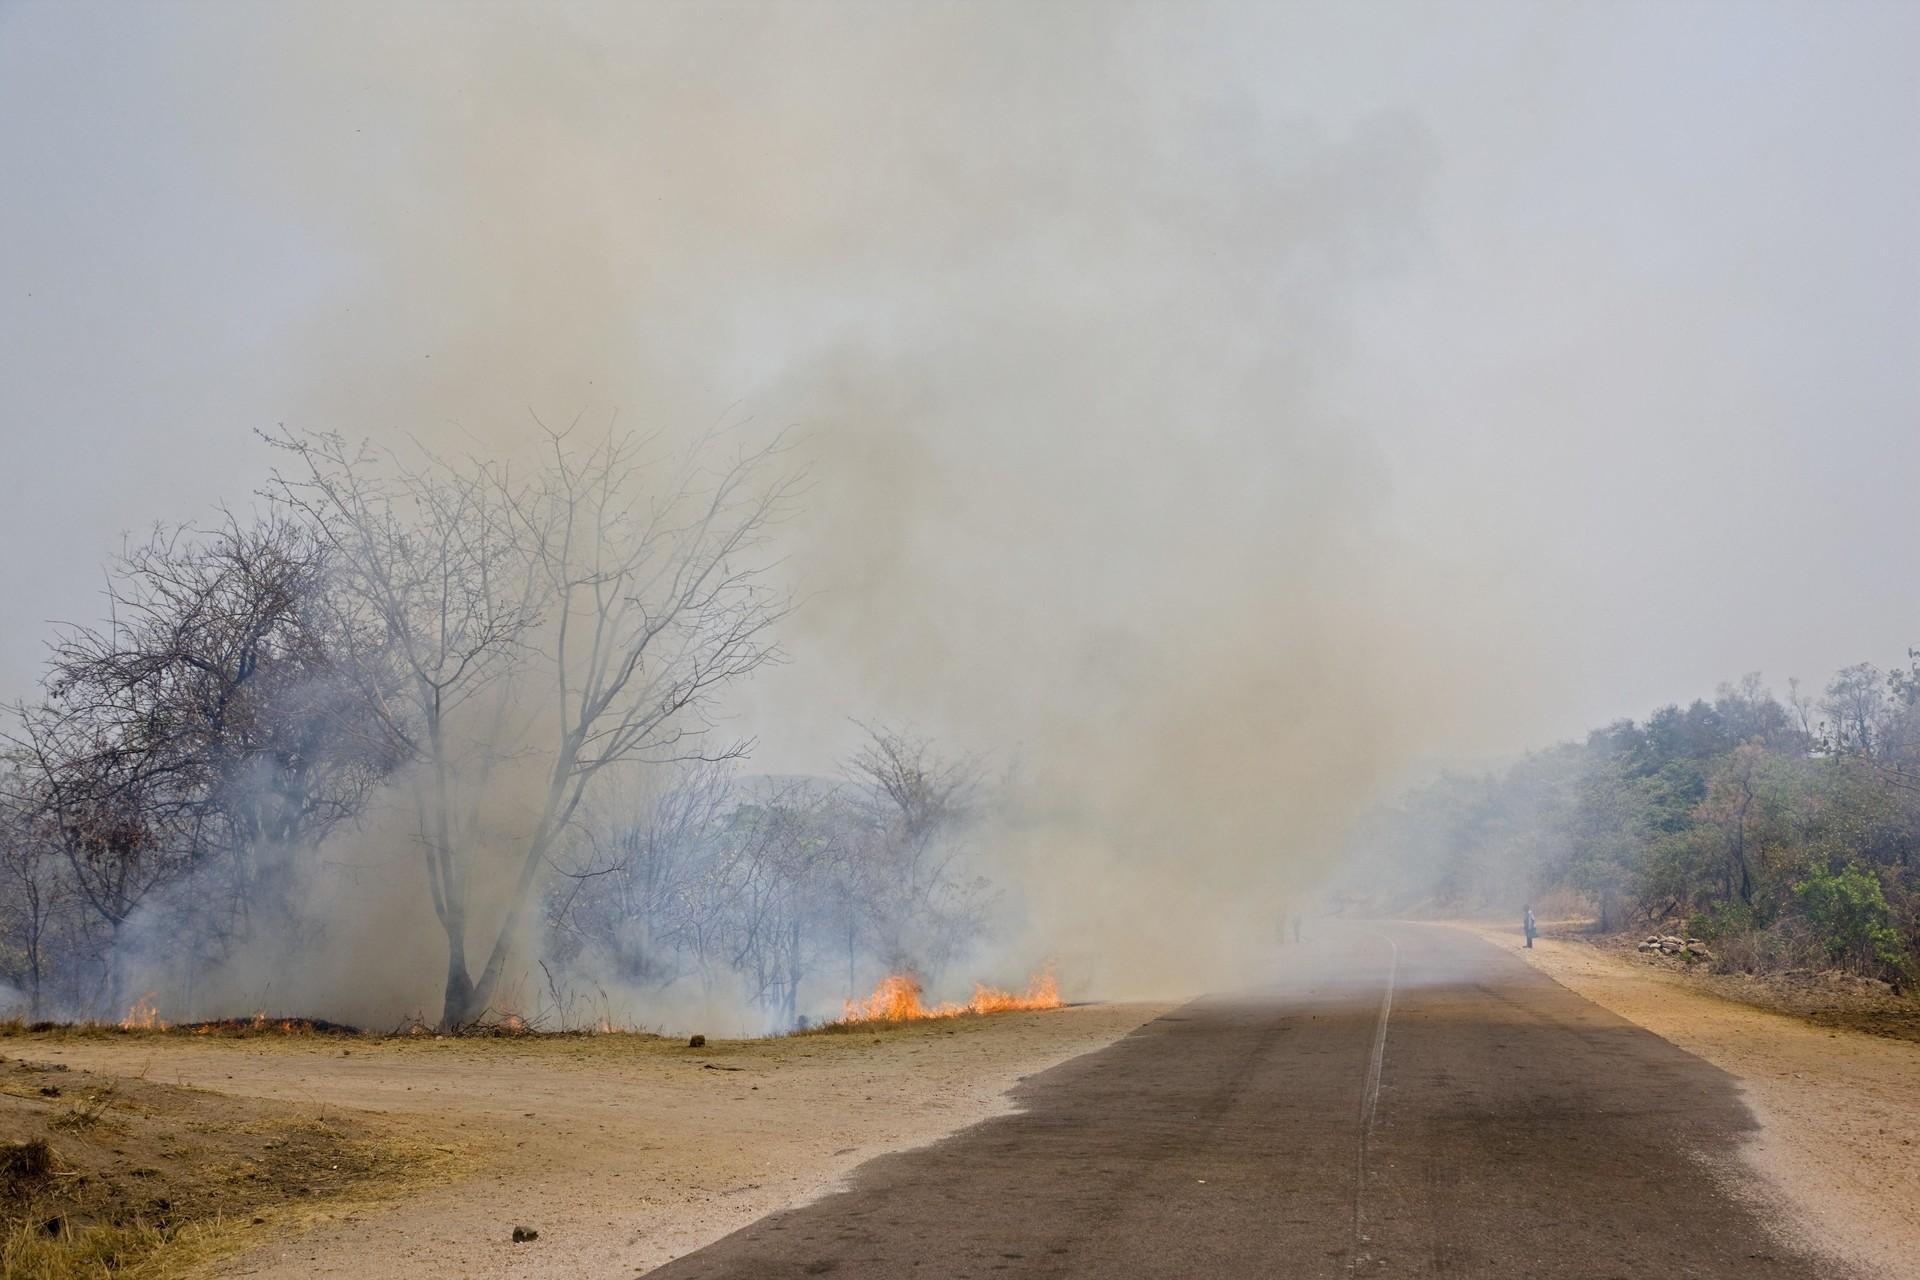 Arde otro 'pulmón verde' del planeta: hay más incendios en el África subsahariana que en la Amazonia